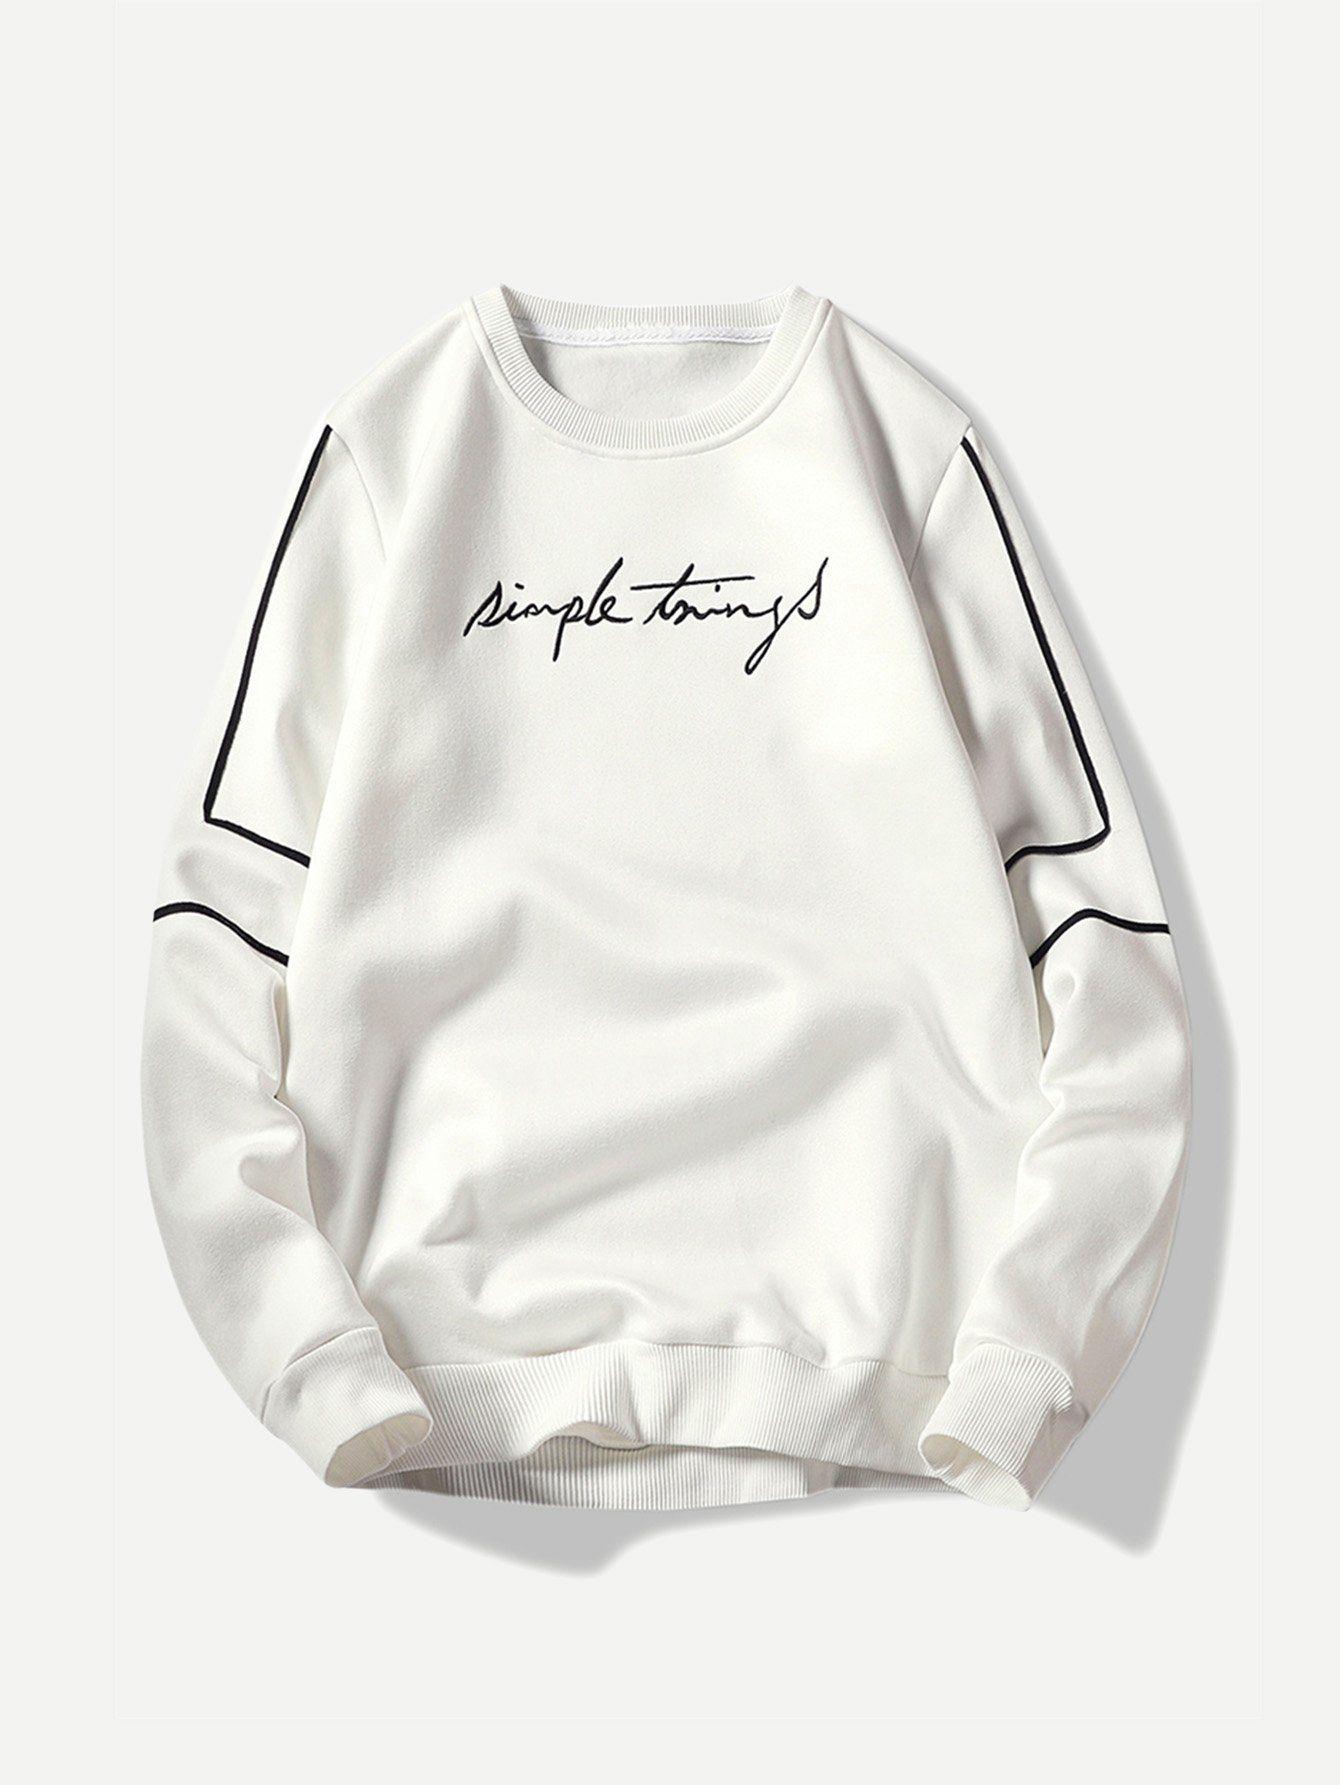 Men Slim Fit Embroidery Sweatshirt Love Menwithstyle Gentleman Menstyle Menwi Embroidery Sweatshirt Comfortable Sweatshirt Mens Sweatshirts [ 1785 x 1340 Pixel ]